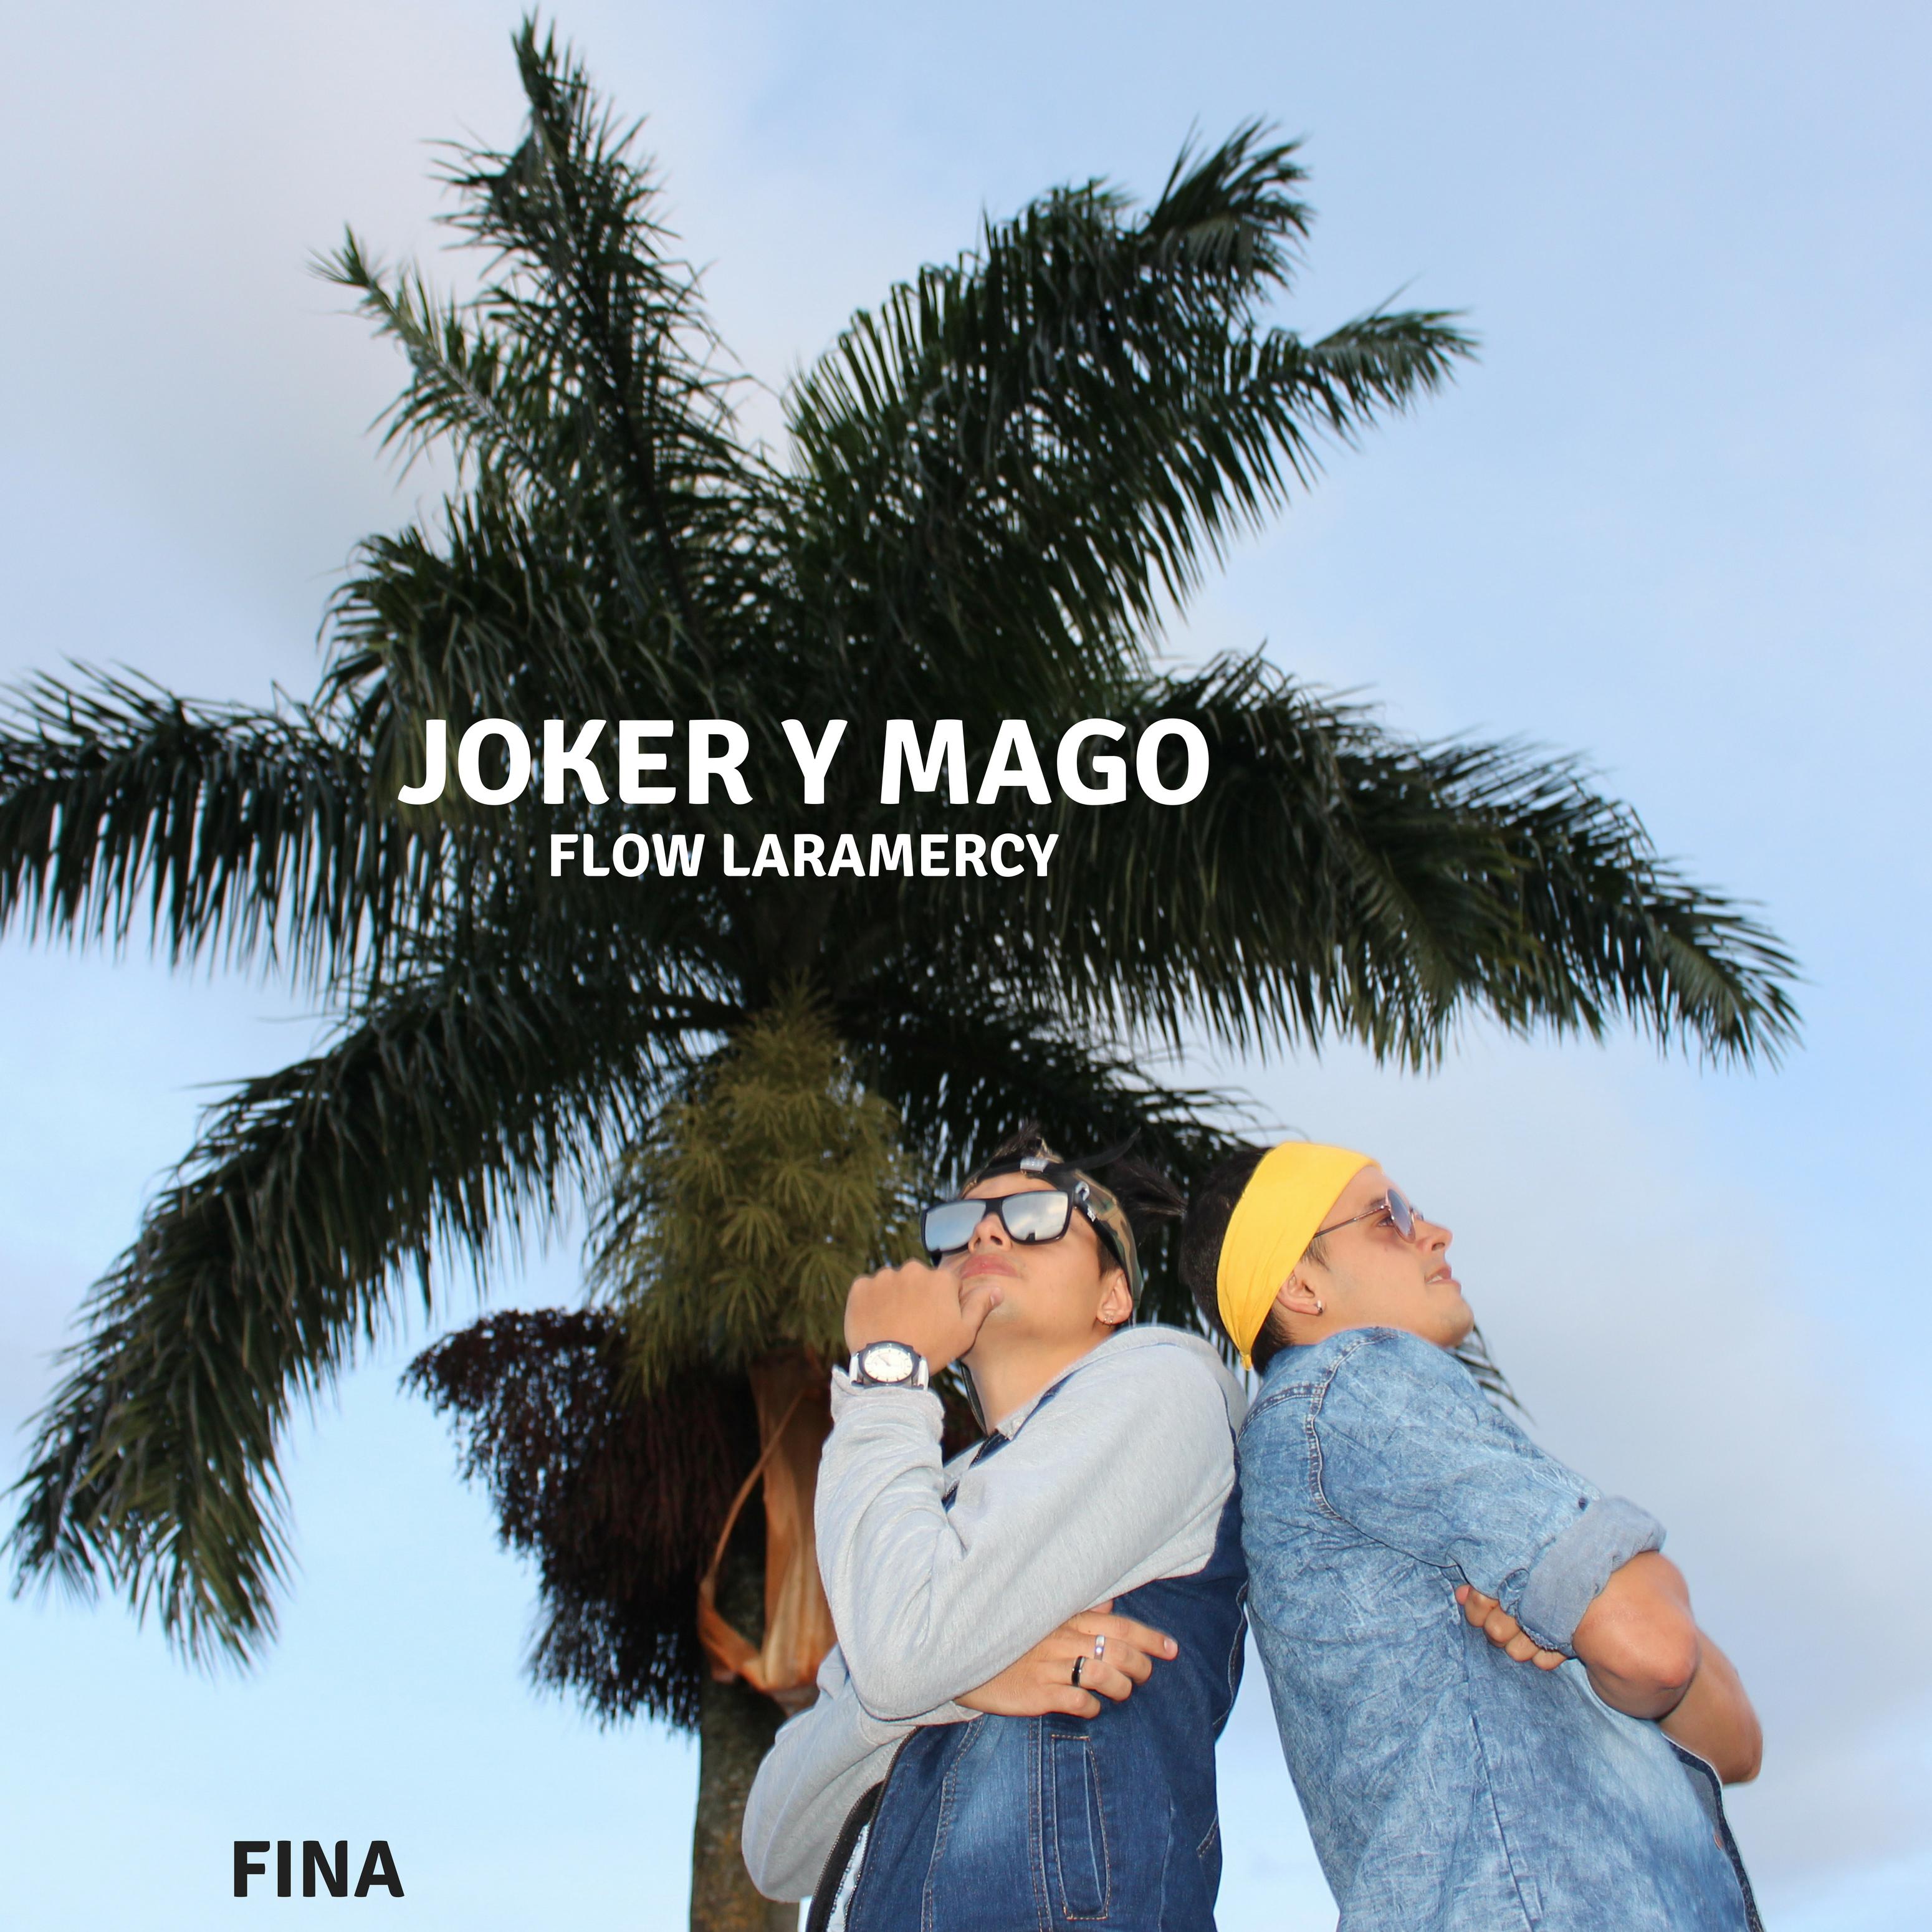 Joker y Mago – Fina